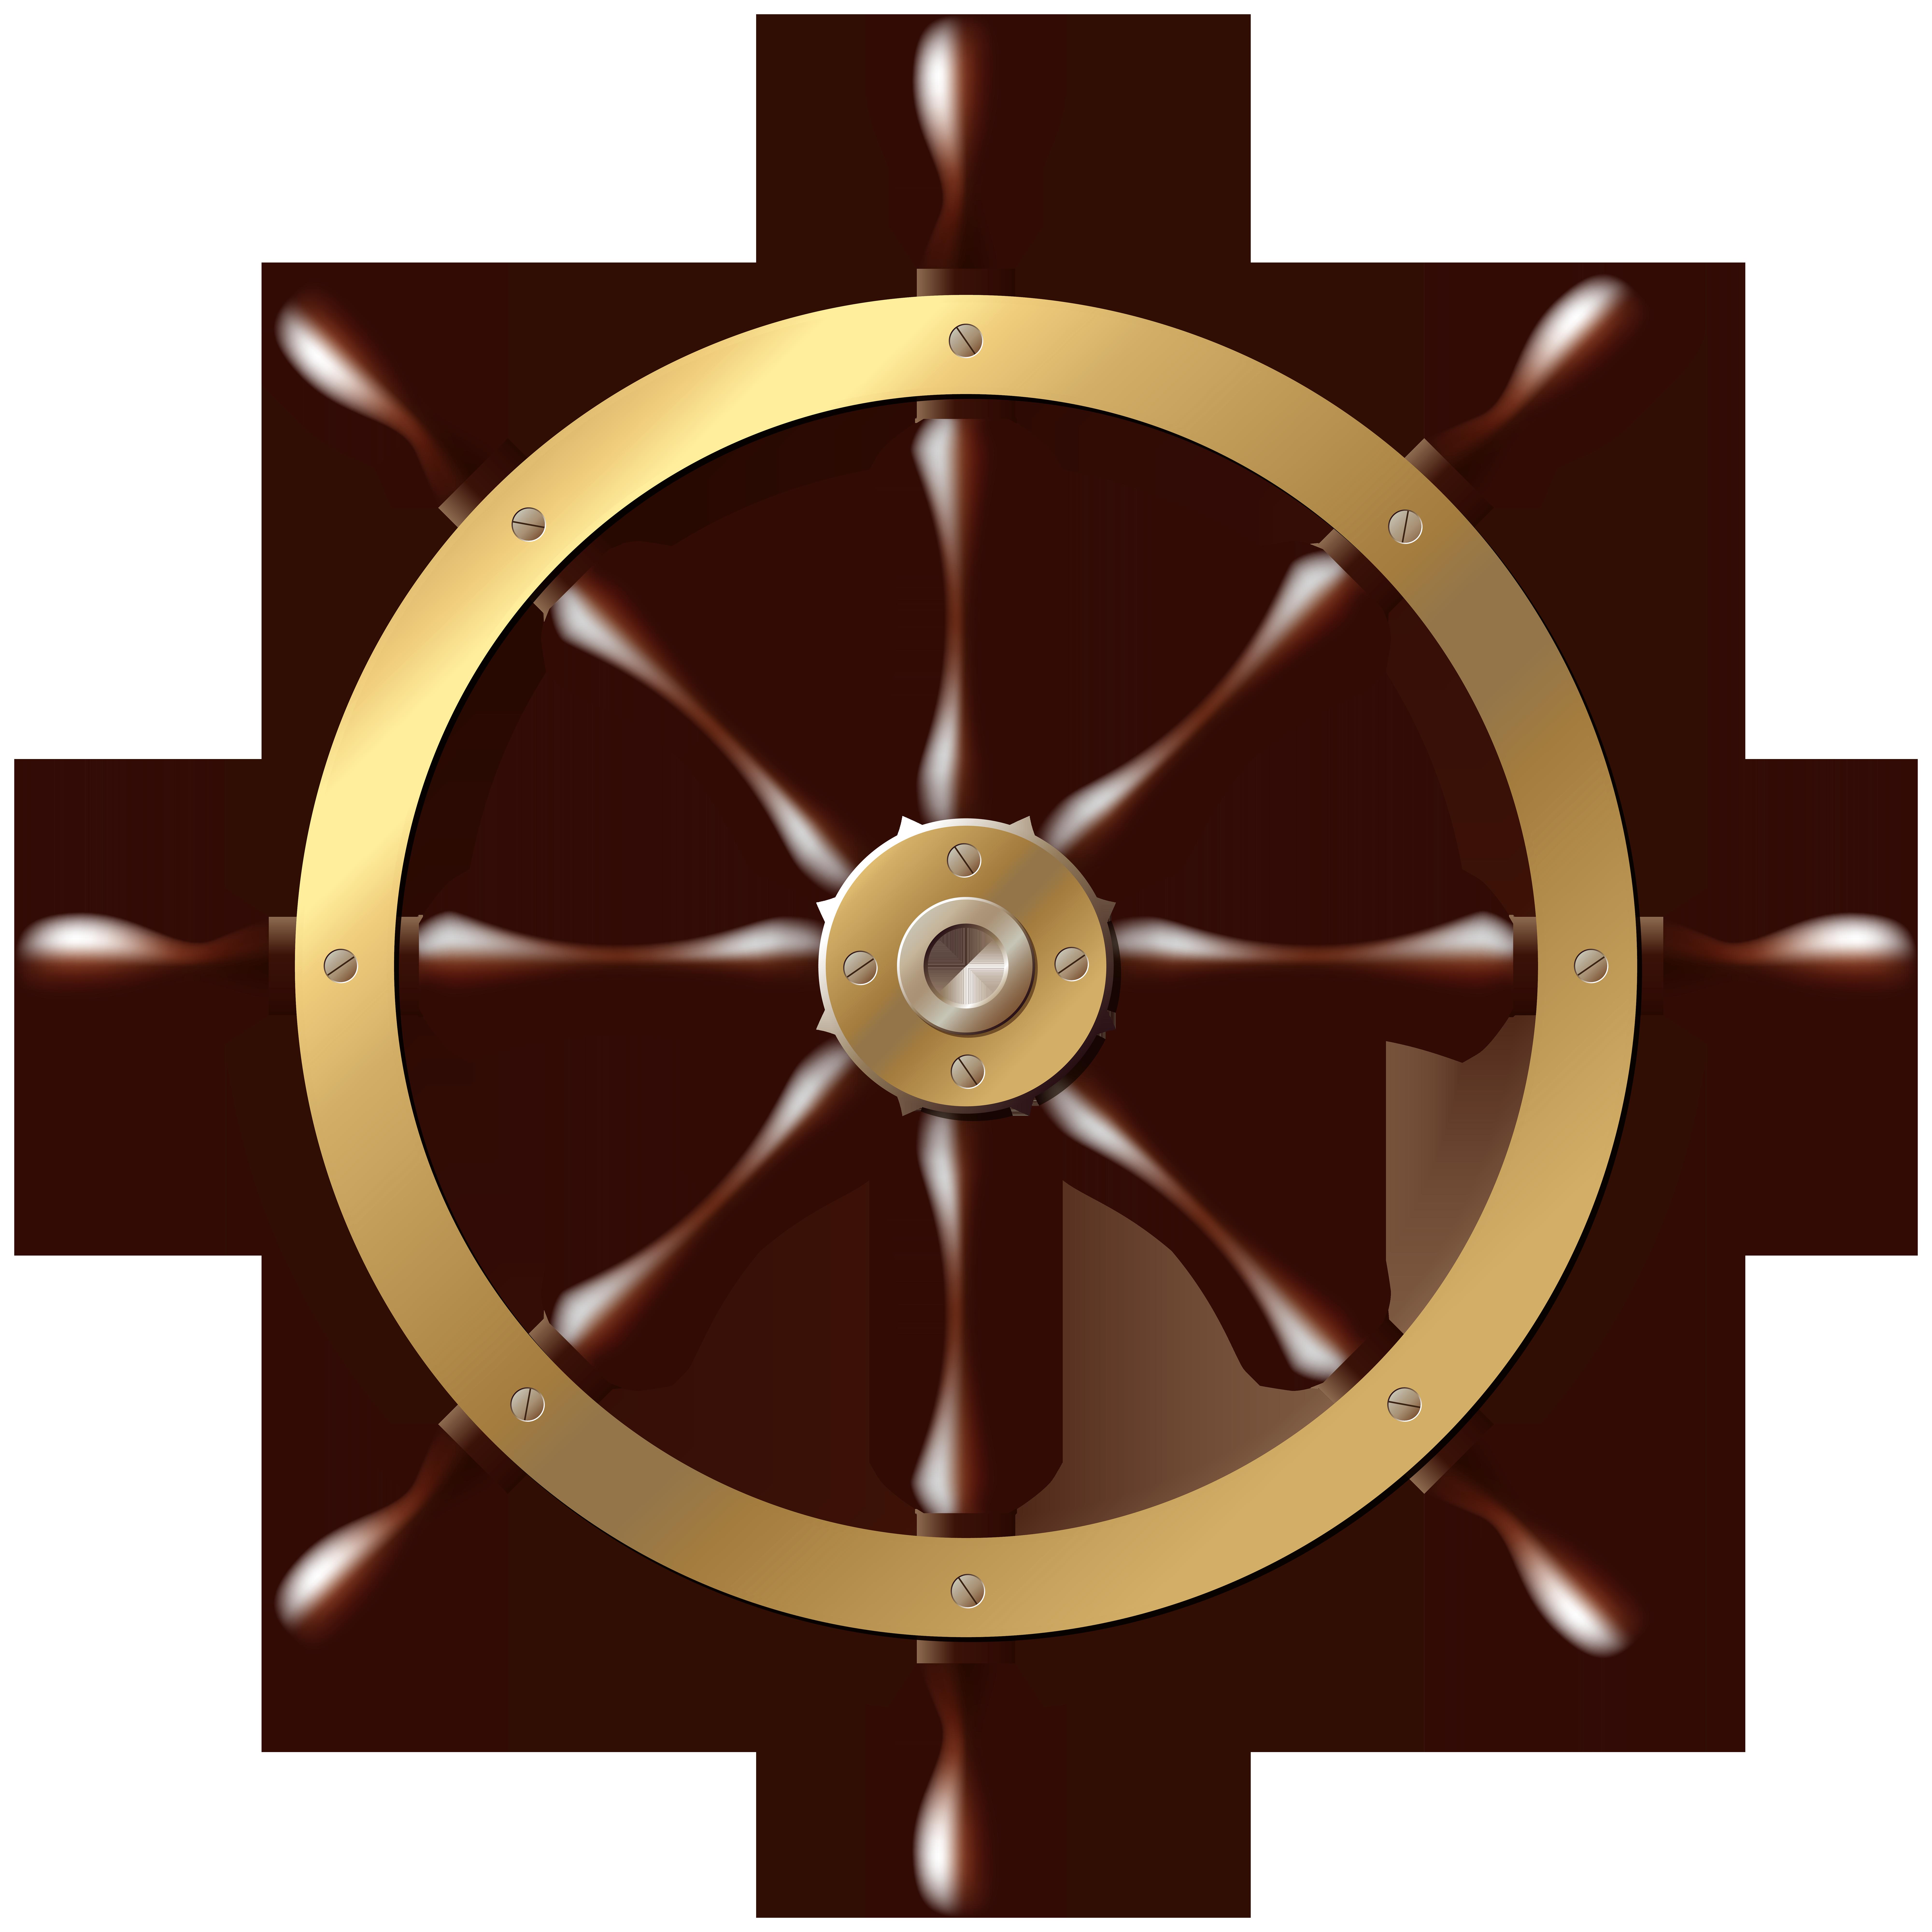 Ships Wheel PNG HD - 131729